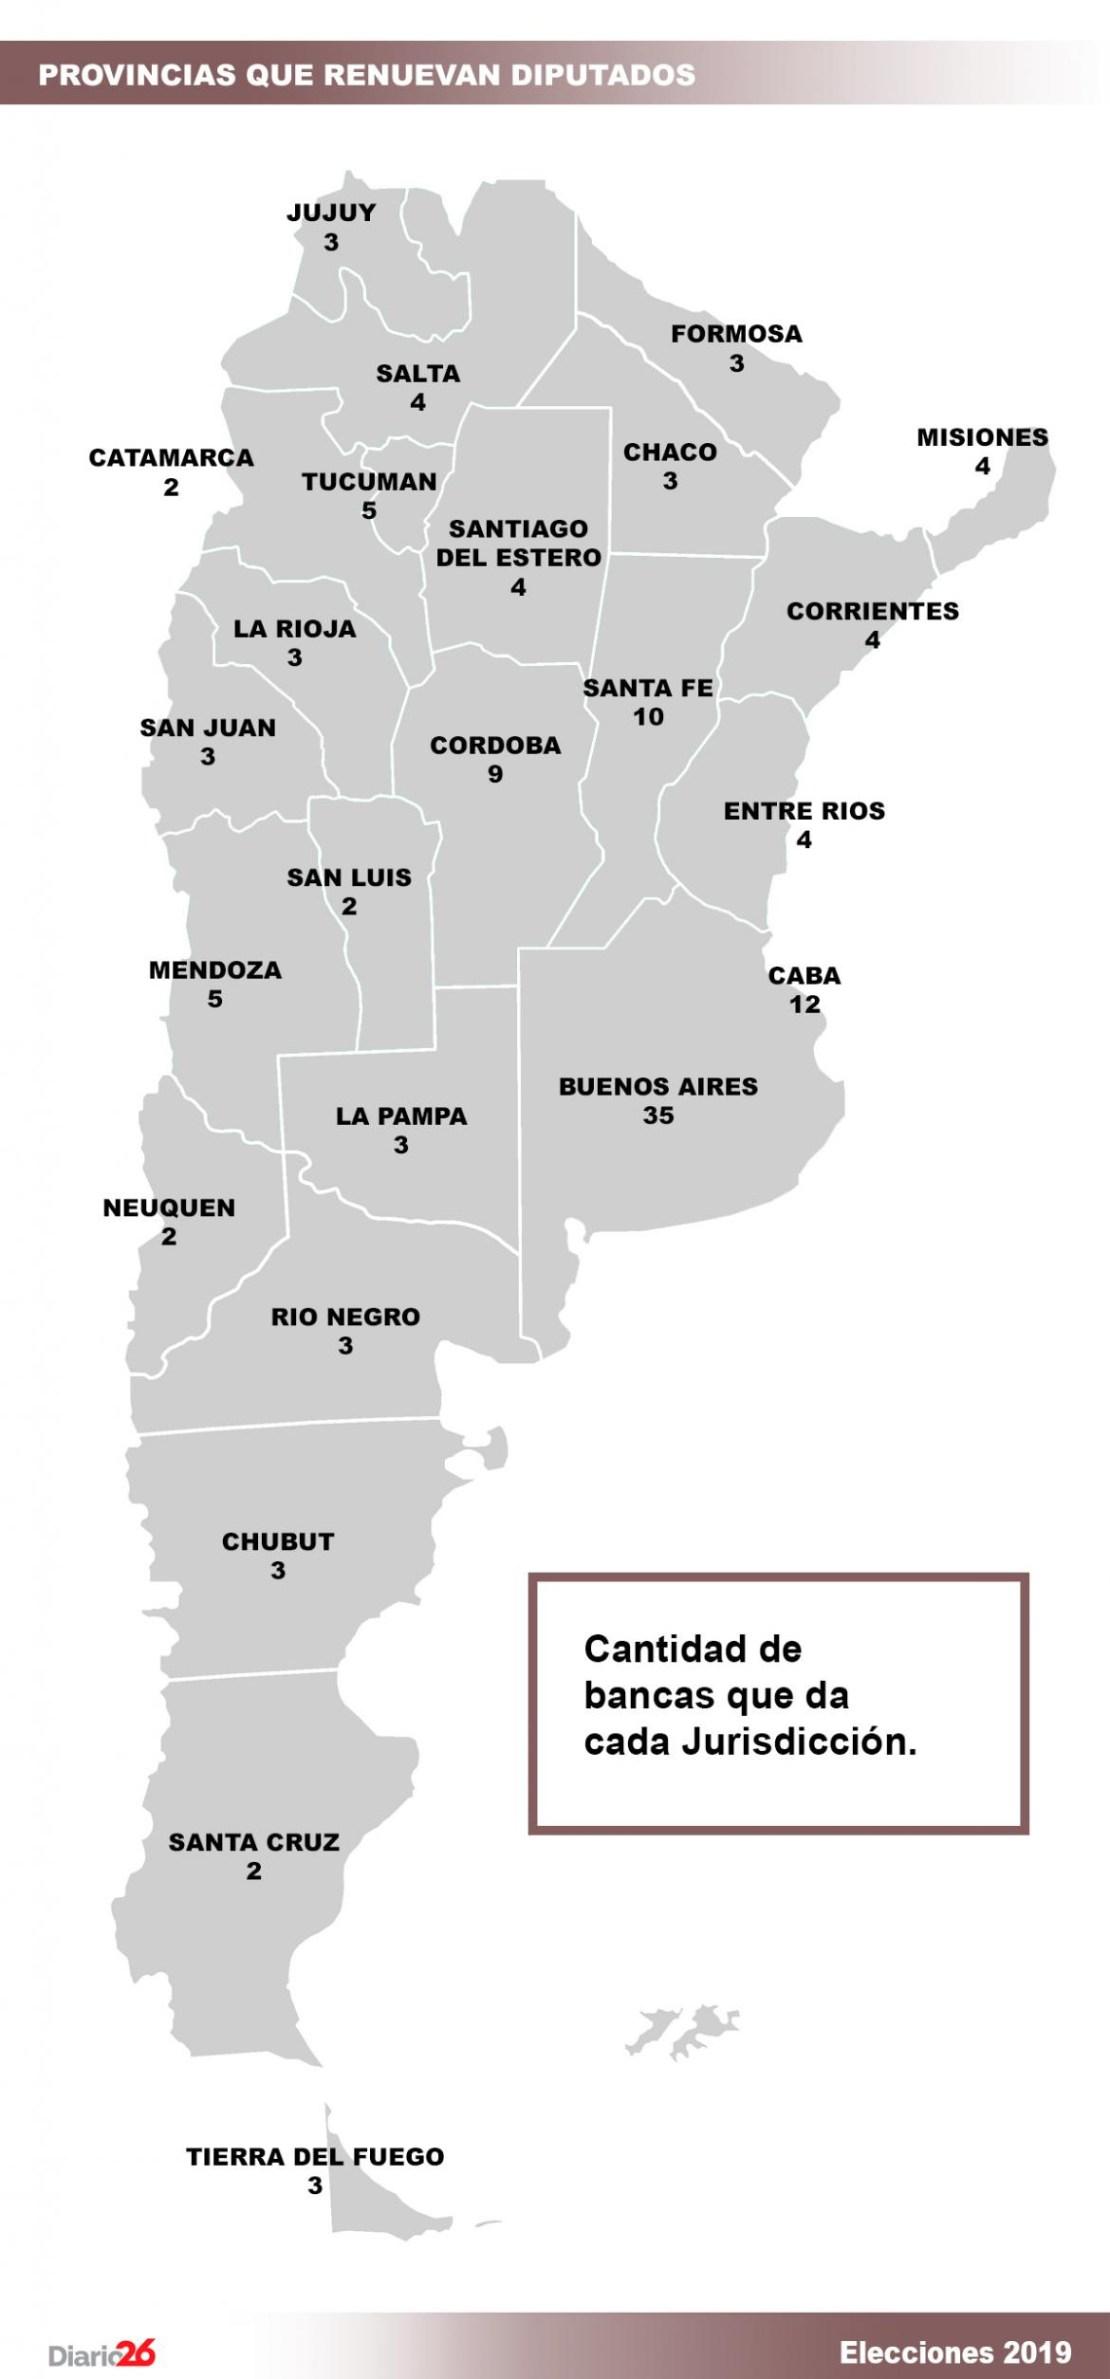 Provincias que renuevan diputados, elecciones 2019